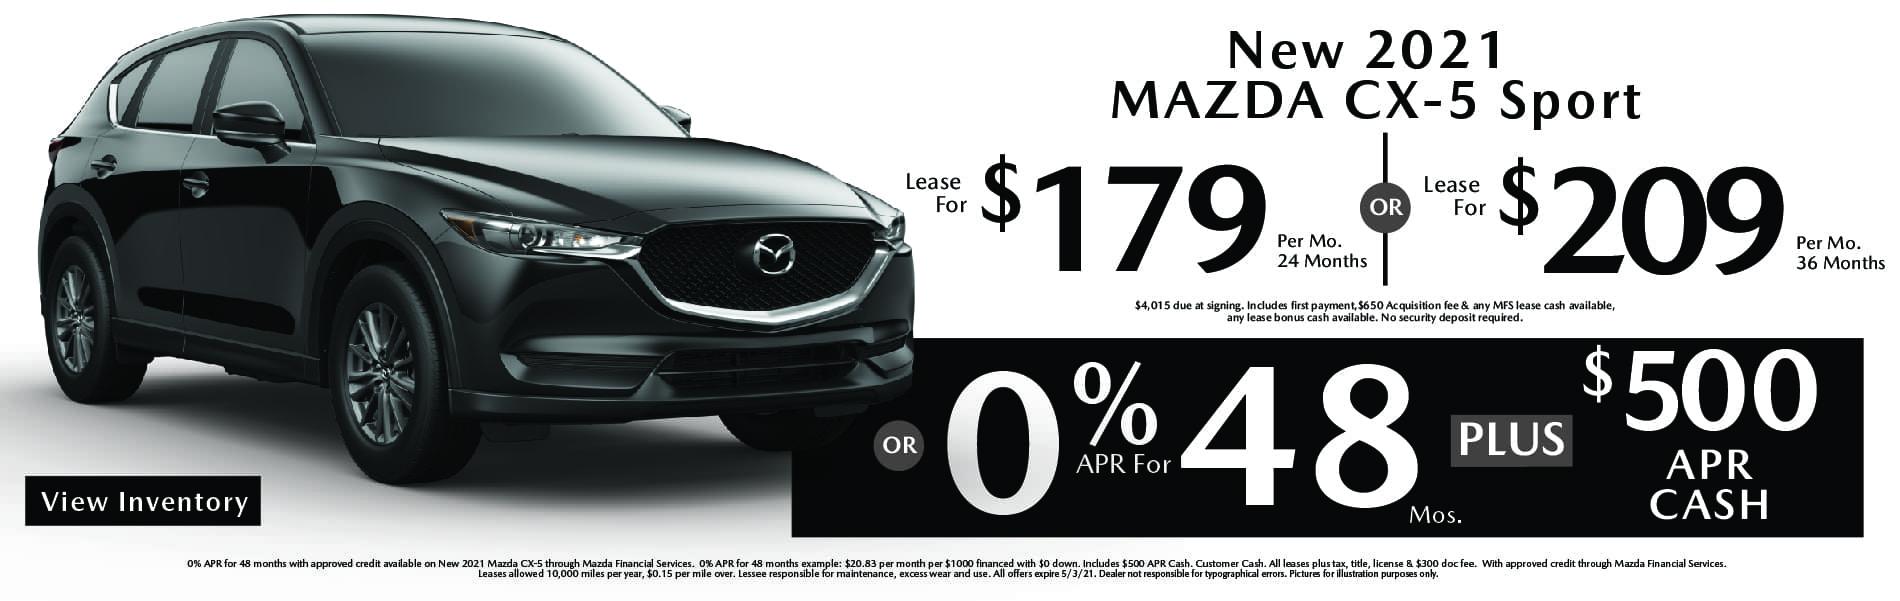 New Mazda CX-5 Specials